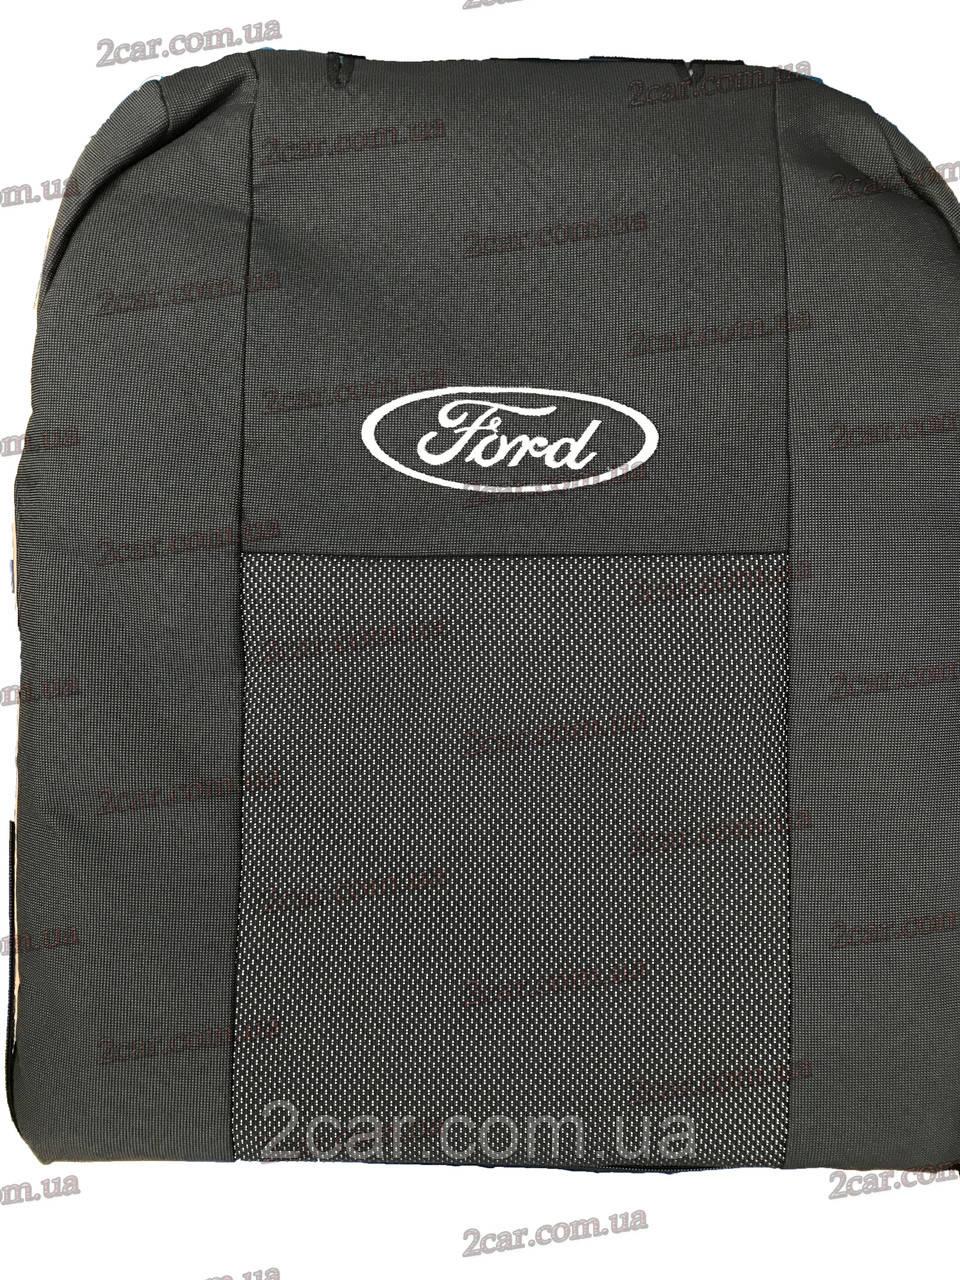 Чехлы в салон модельные Ford Transit 2000- (Prestige_Premium)